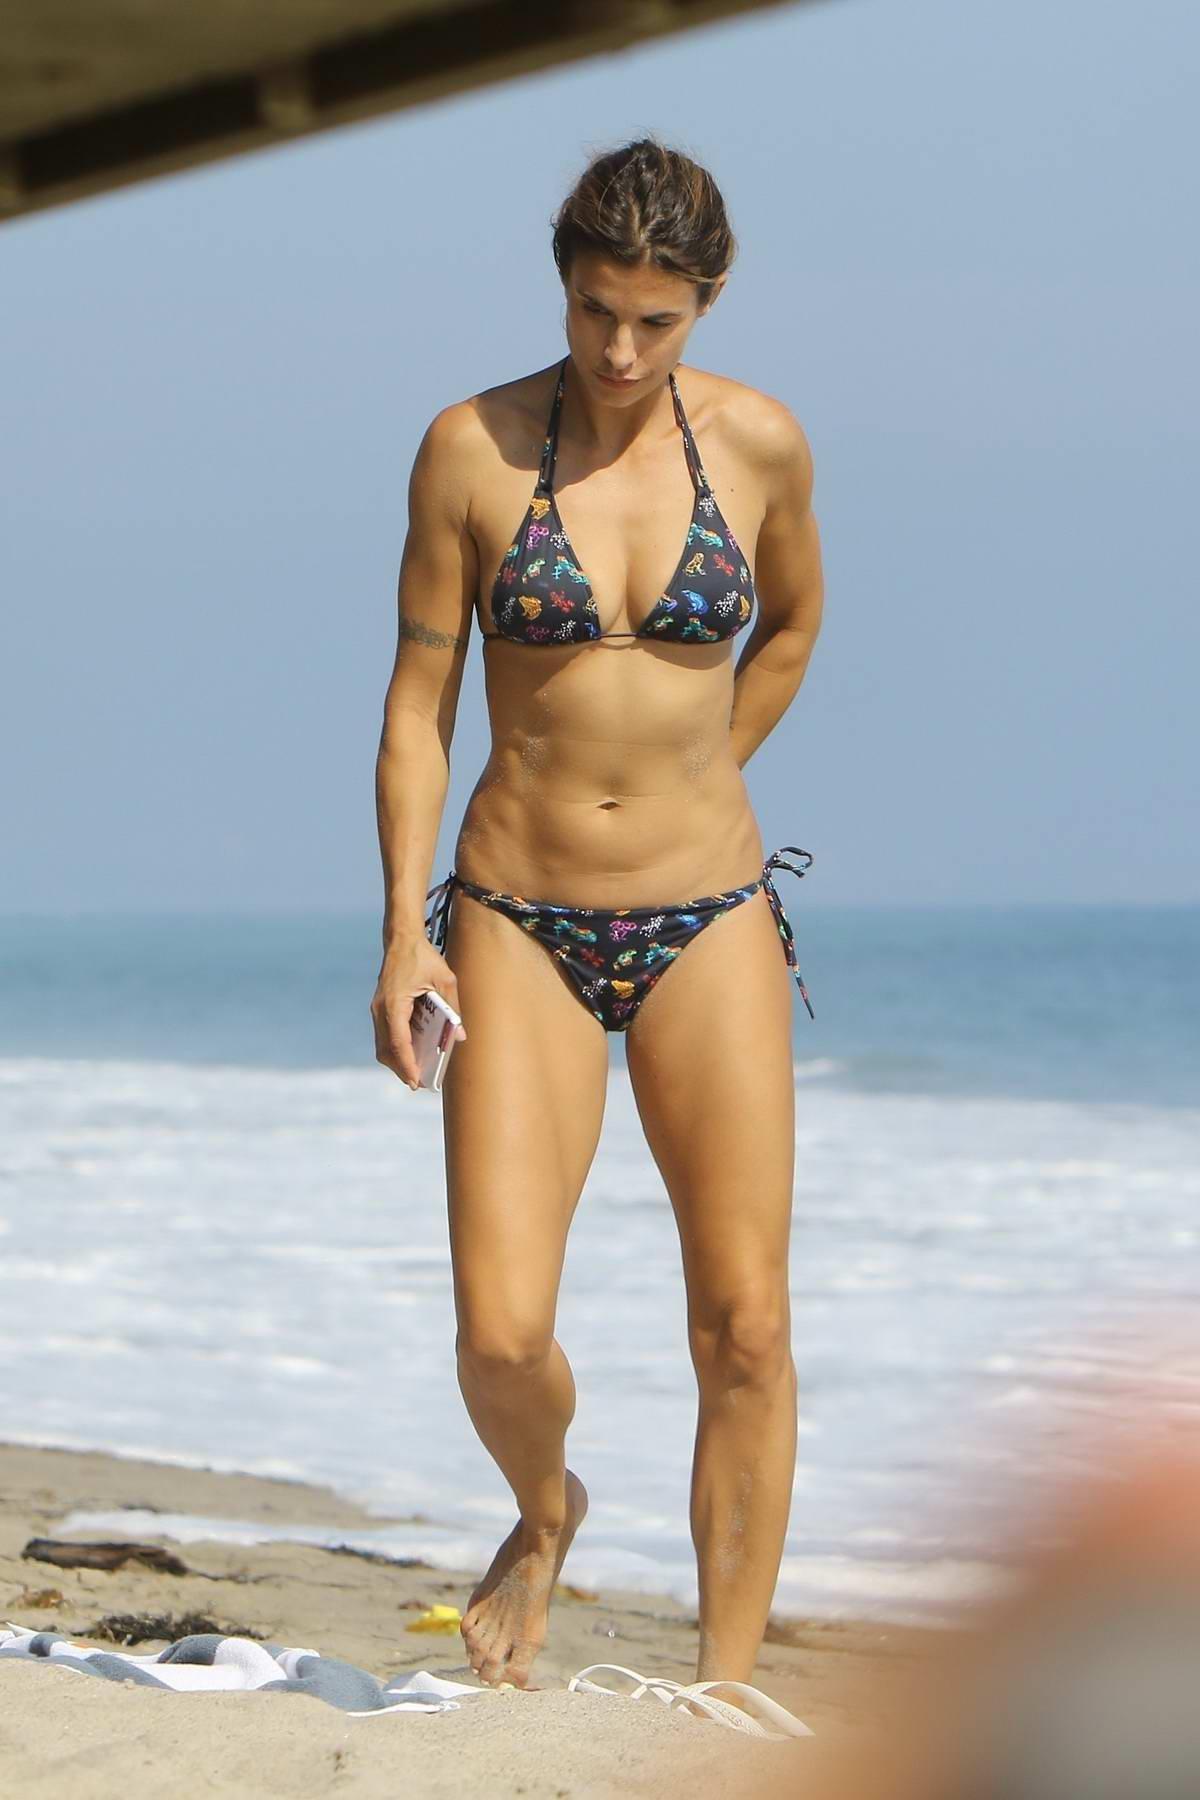 Elisabetta Canalis in bikini relaxing at the beach in Malibu